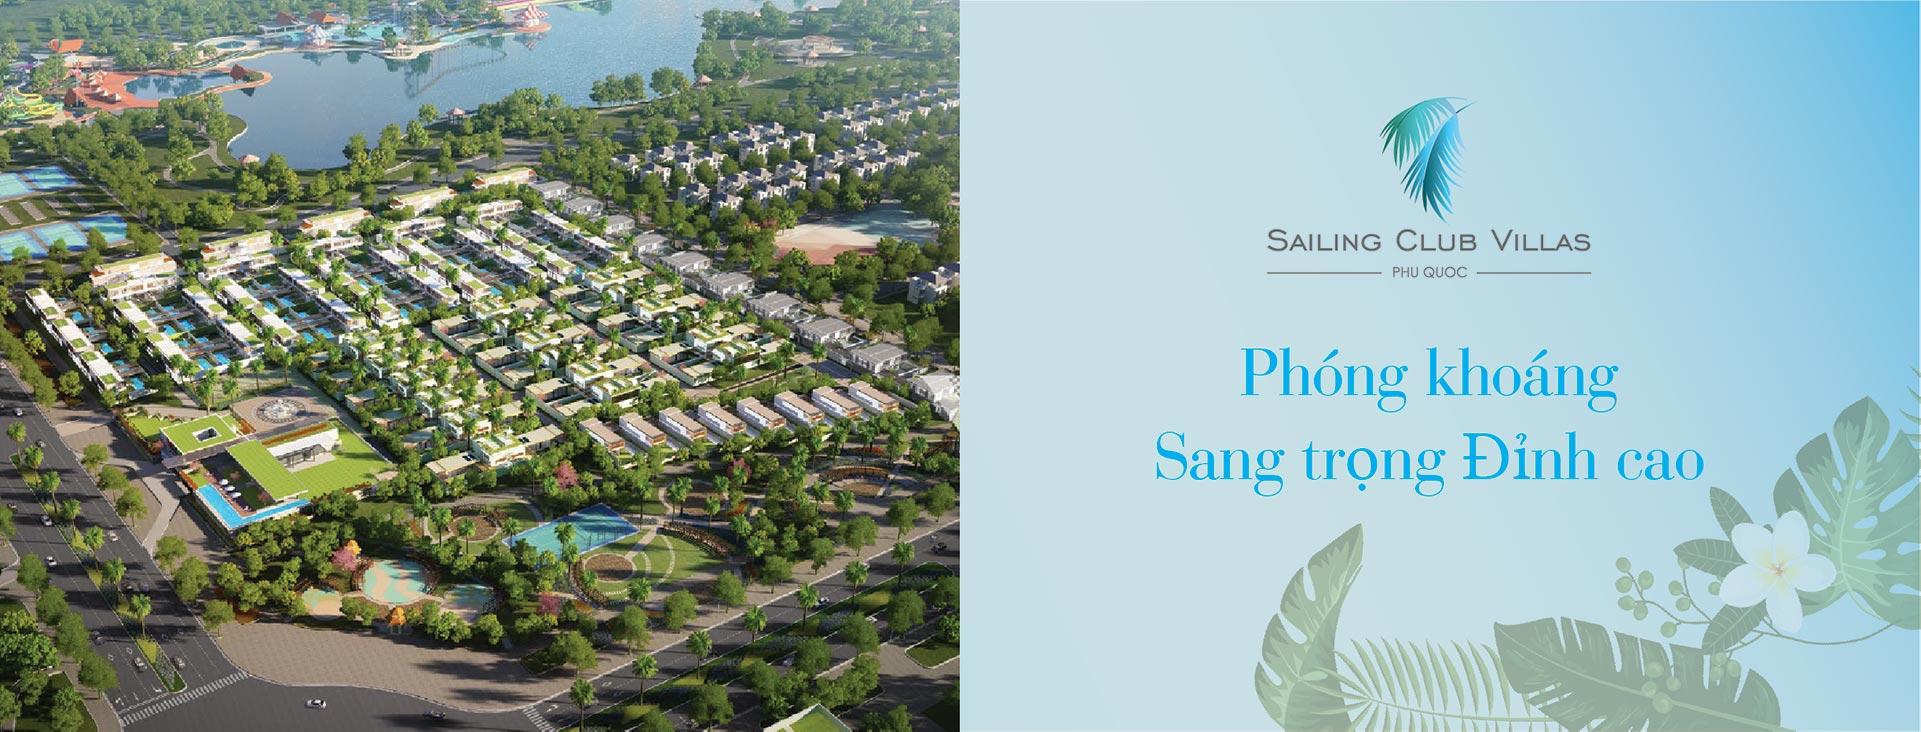 Sailing Club Villas Phú Quốc banner